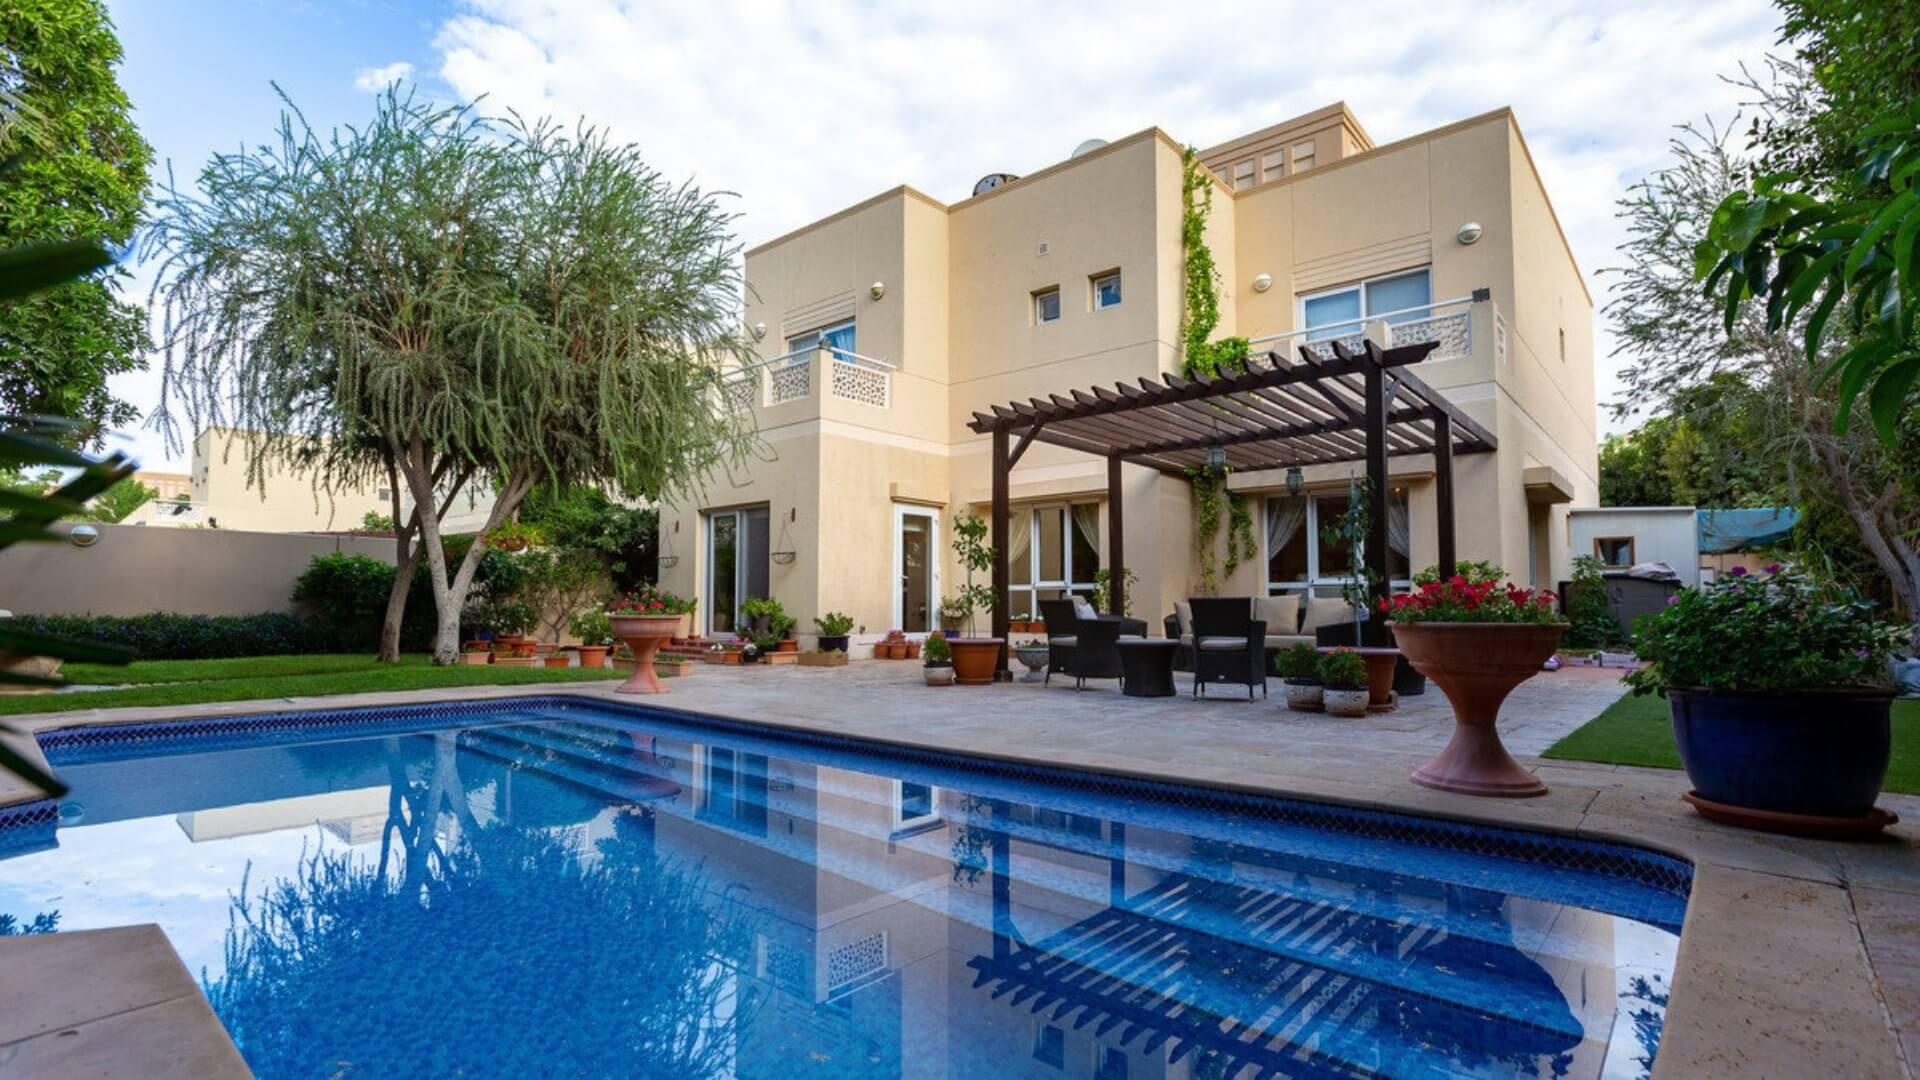 Villa en venta en Dubai, EAU, 5 dormitorios, 588 m2, № 24377 – foto 1